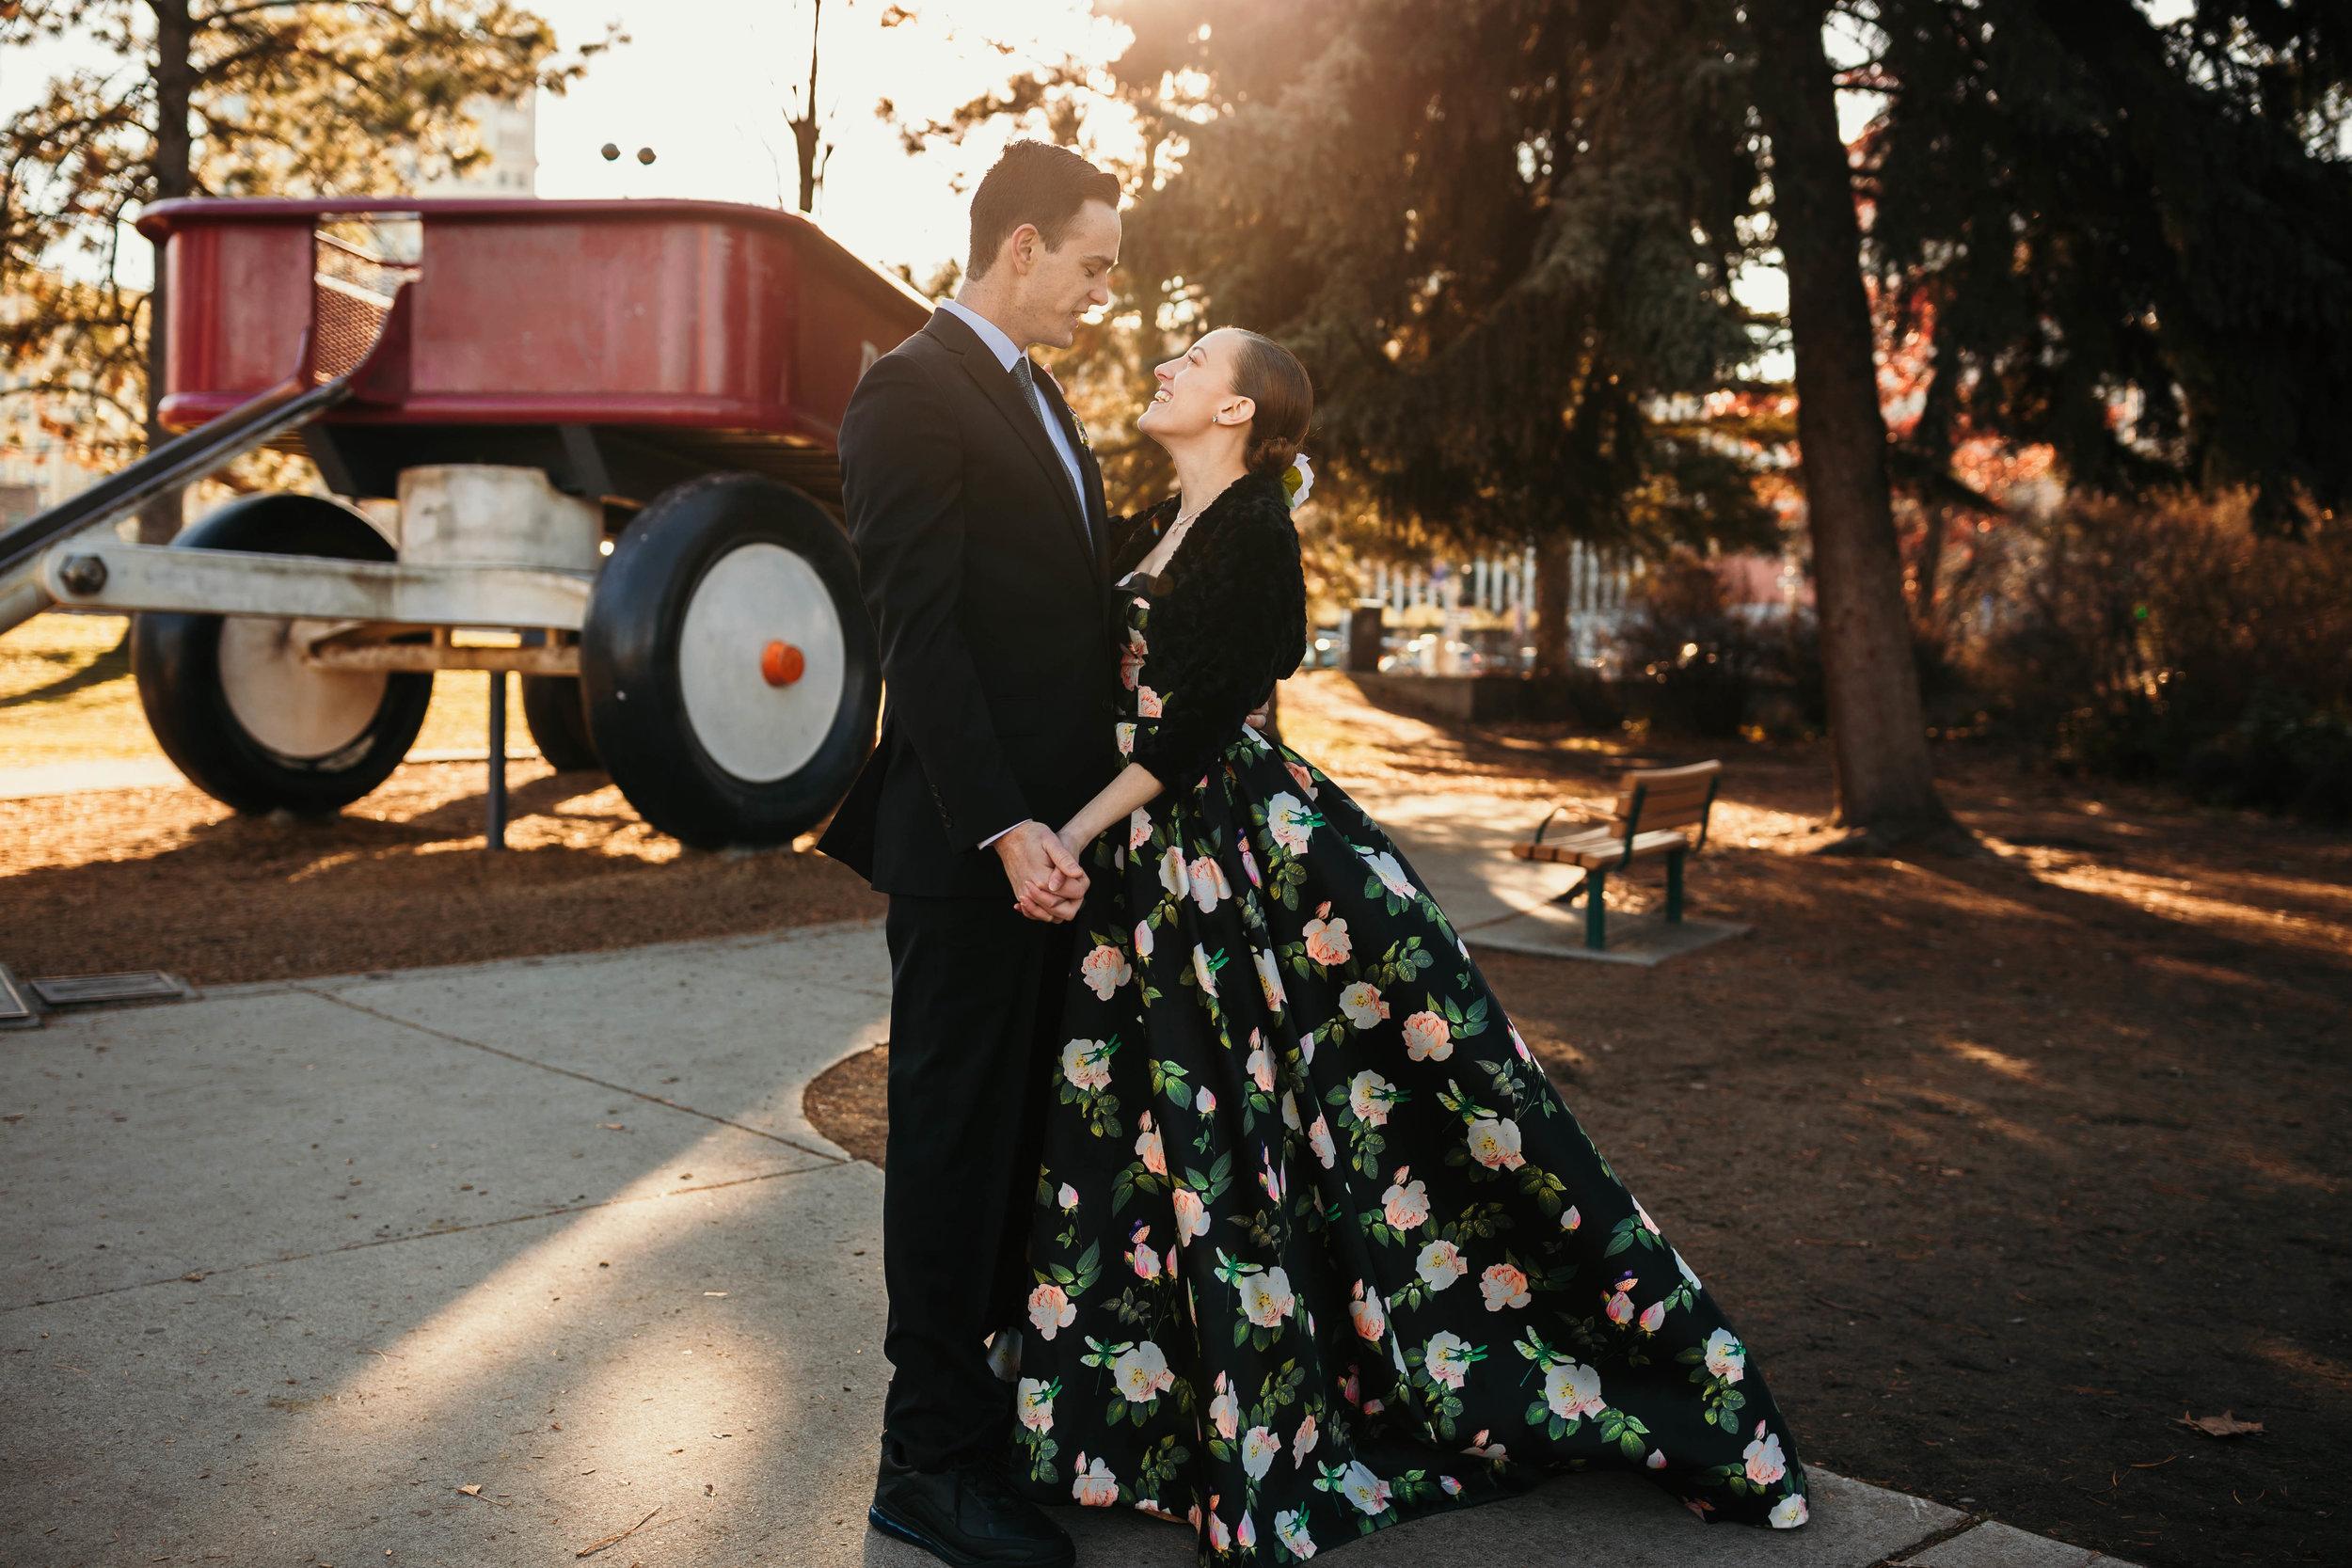 izzy+jacob-weddingsneakpeekblog-70.jpg